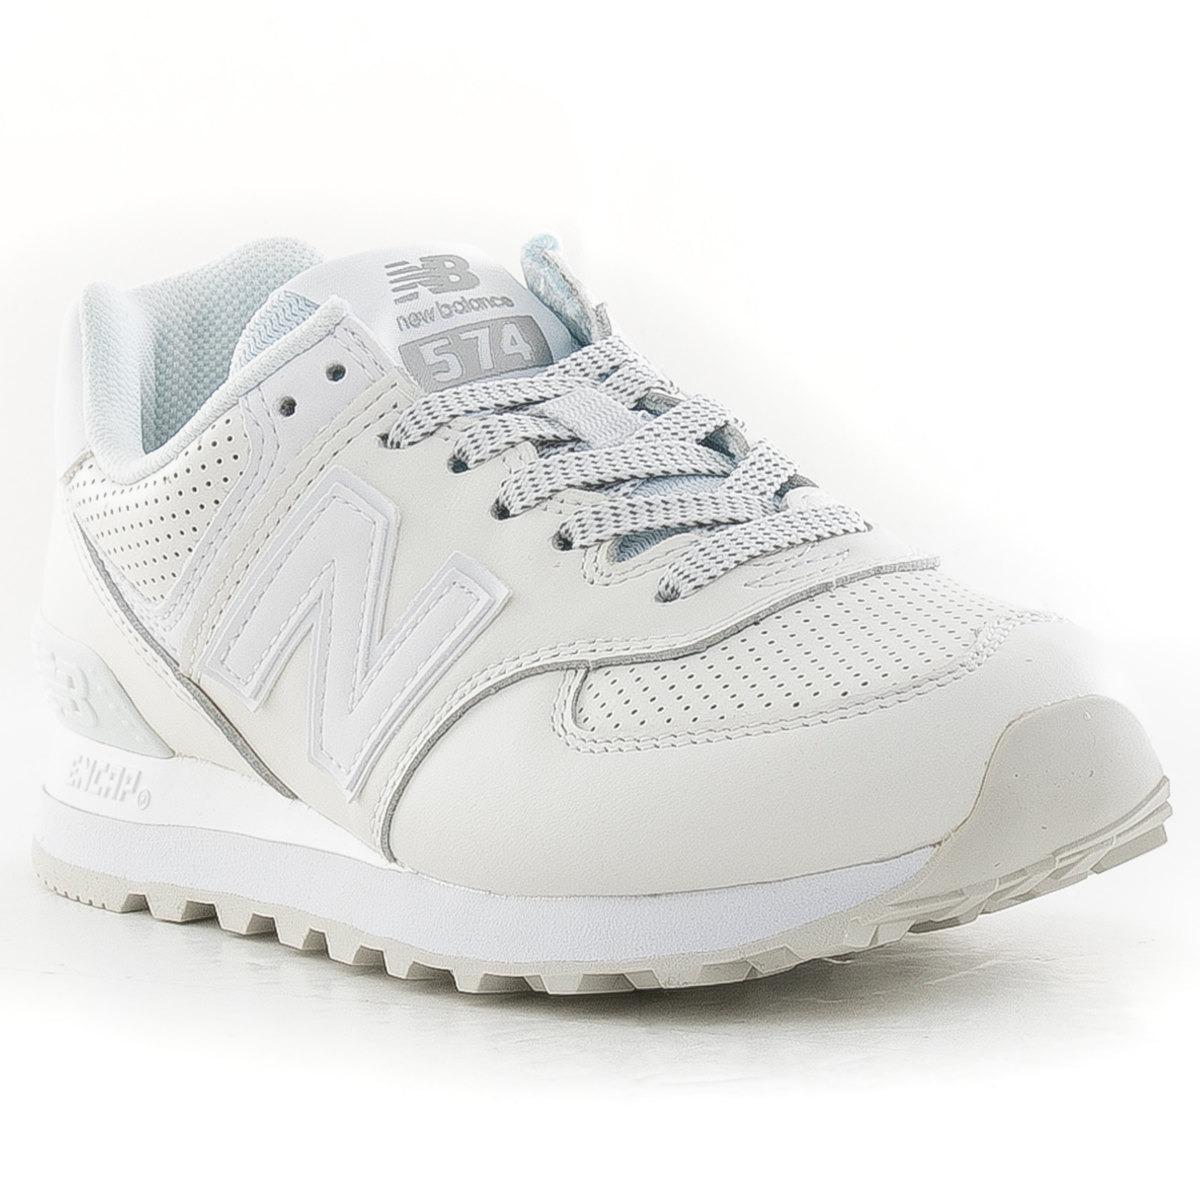 5177895878452 zapatillas ml574 daw new balance blast tienda oficial. Cargando zoom.